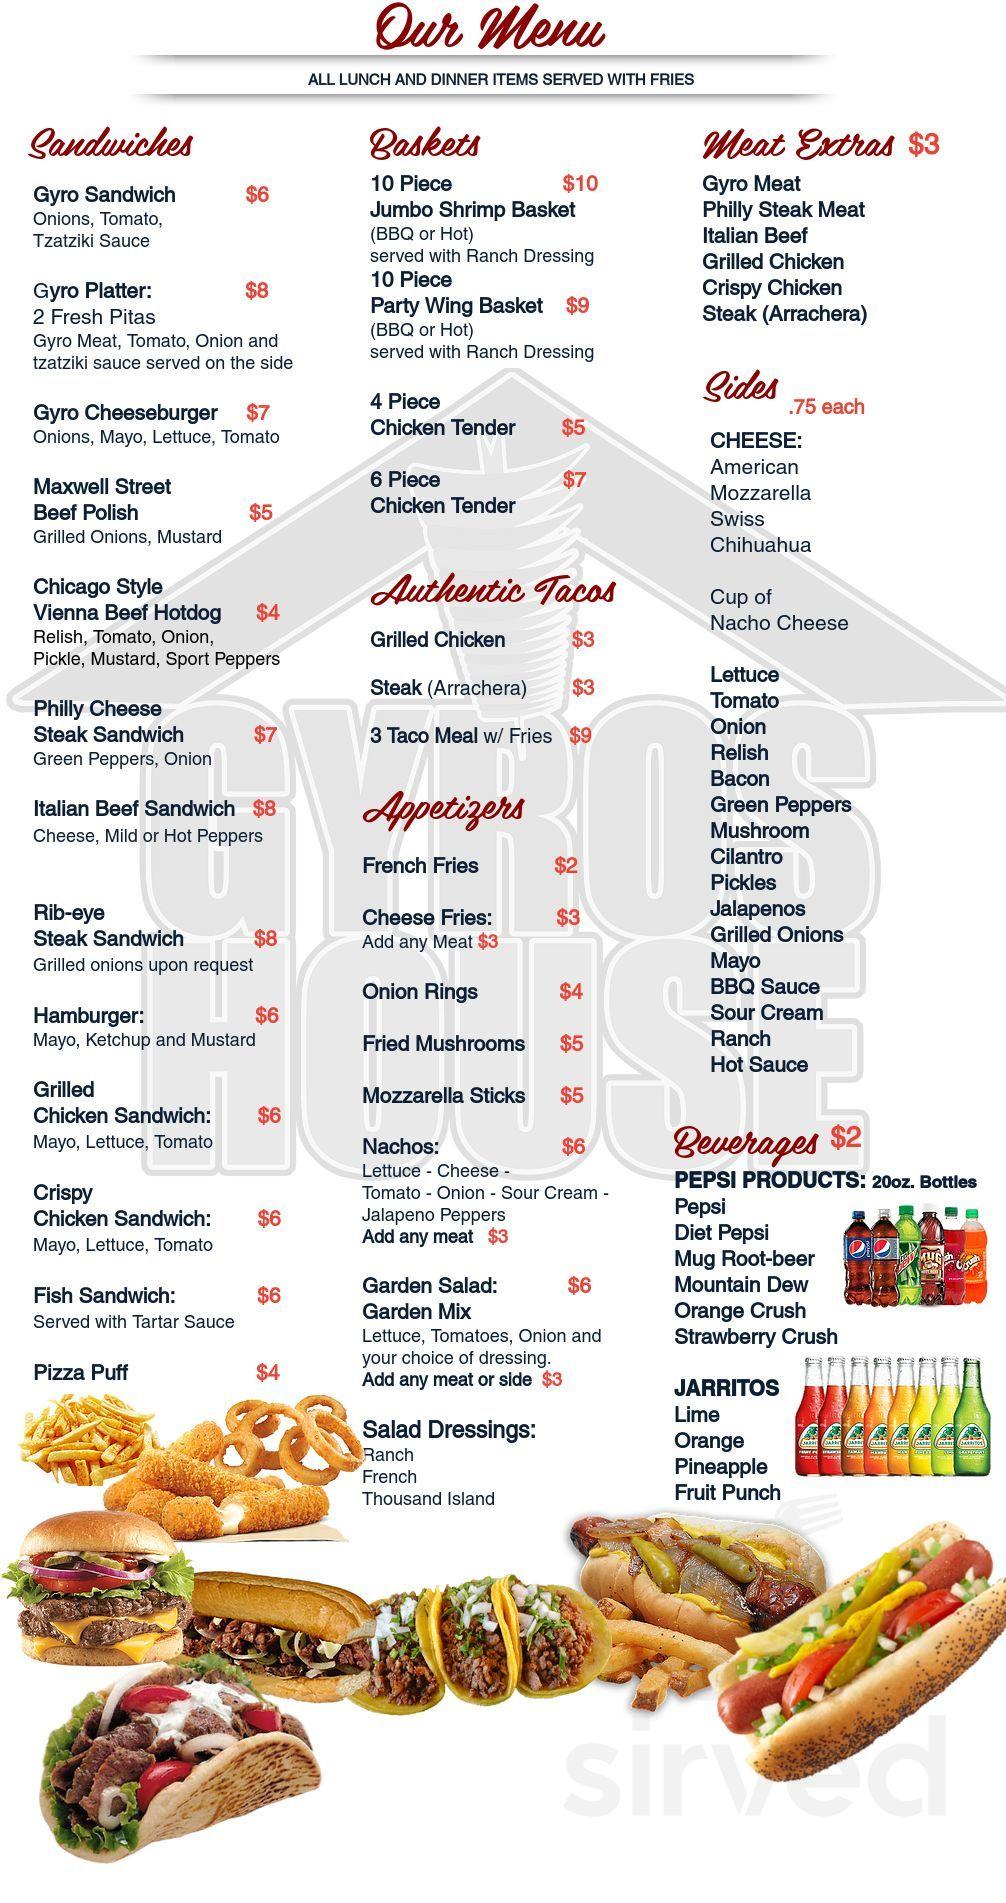 Gyros House Menu In Rockford Illinois Usa Add cheese for an extra charge. gyros house menu in rockford illinois usa